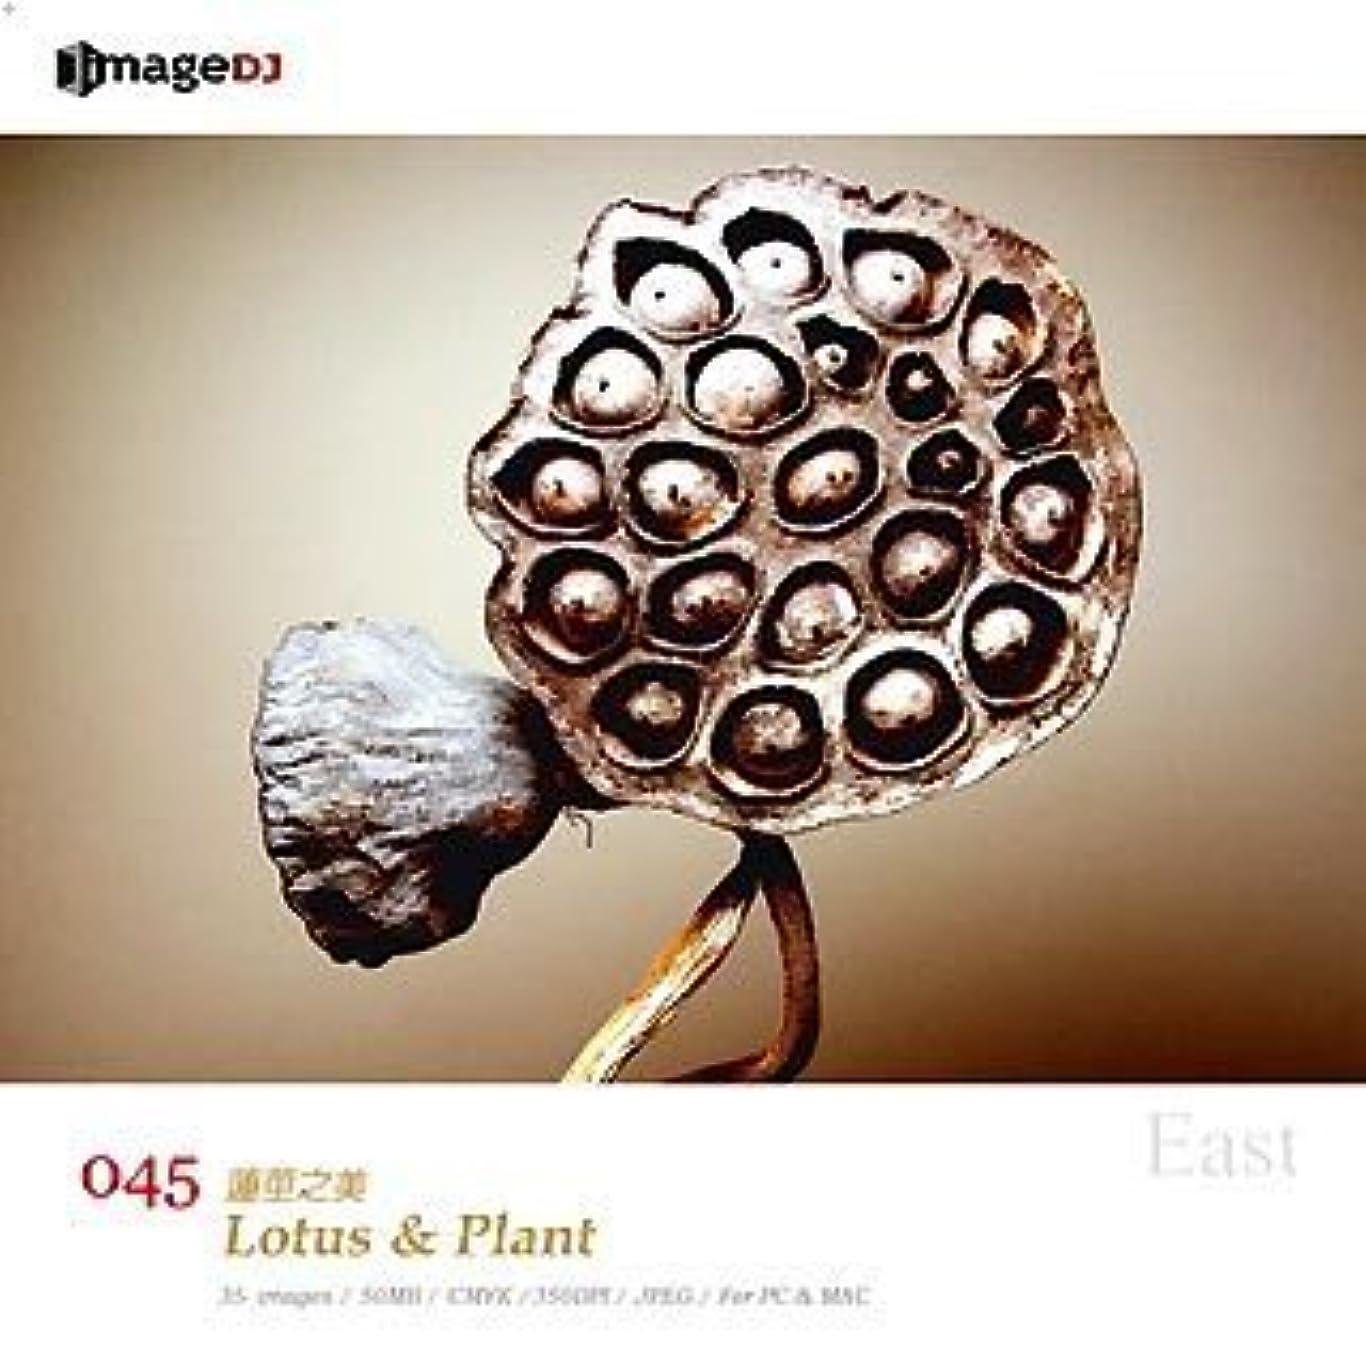 コショウそのライオンEAST vol.45 蓮と植物 Lotus & Plant